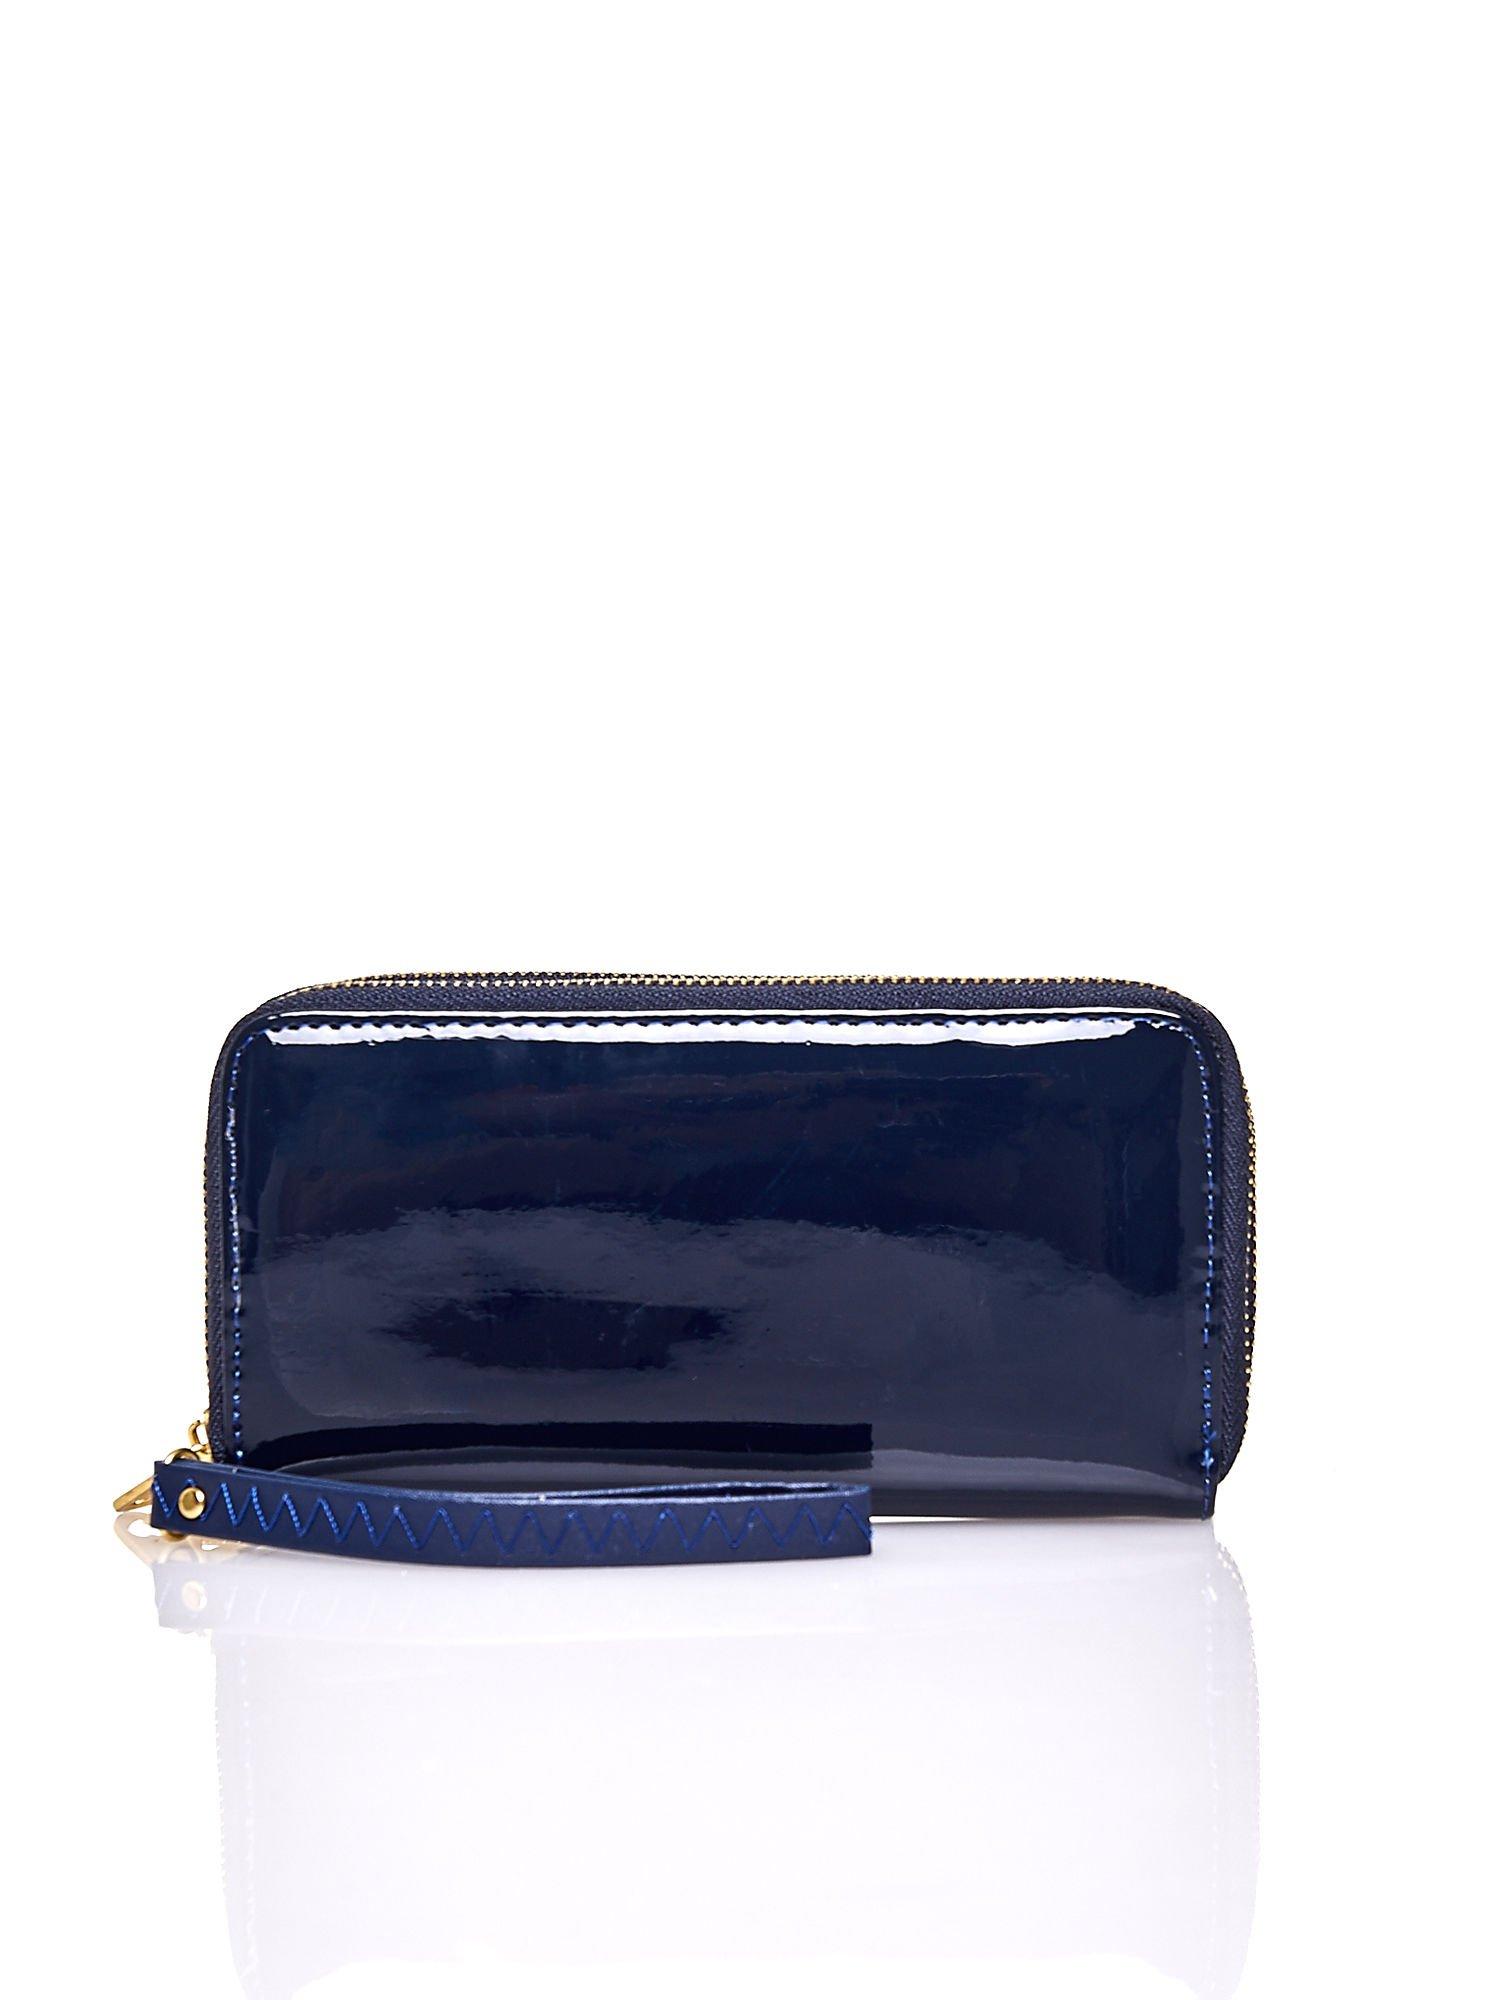 Granatowy lakierowany portfel z uchwytem na rękę                                  zdj.                                  1